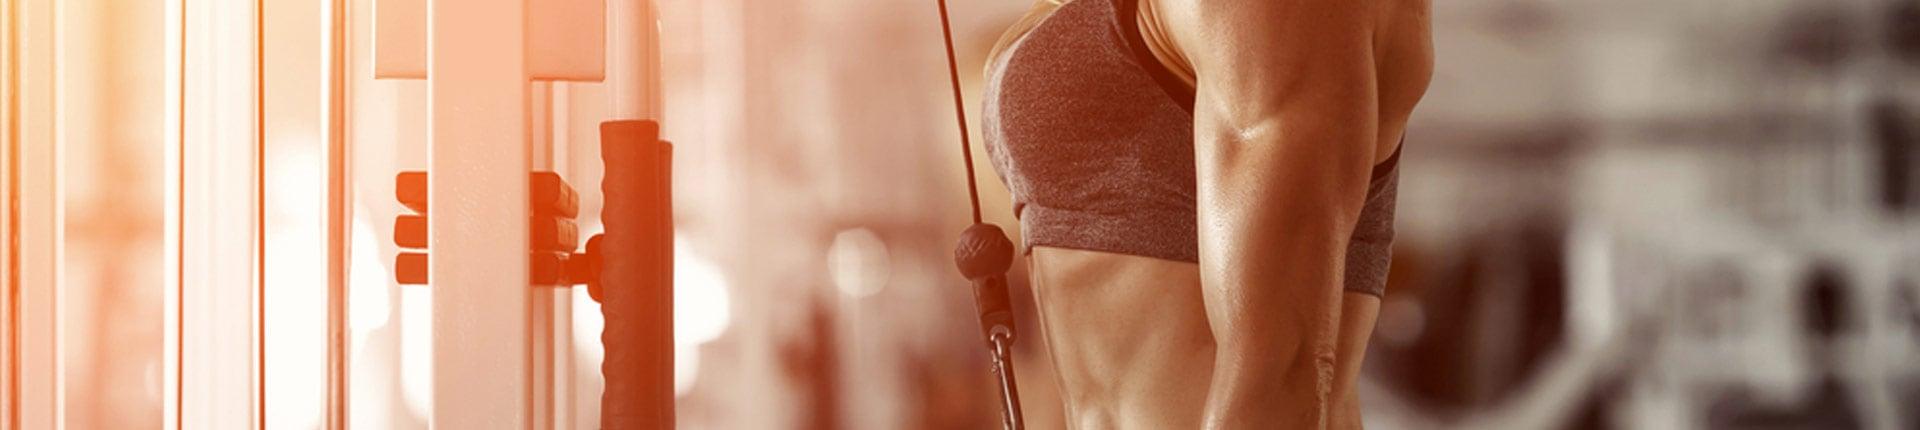 Kiedy twoje ciało spala tkankę tłuszczową?